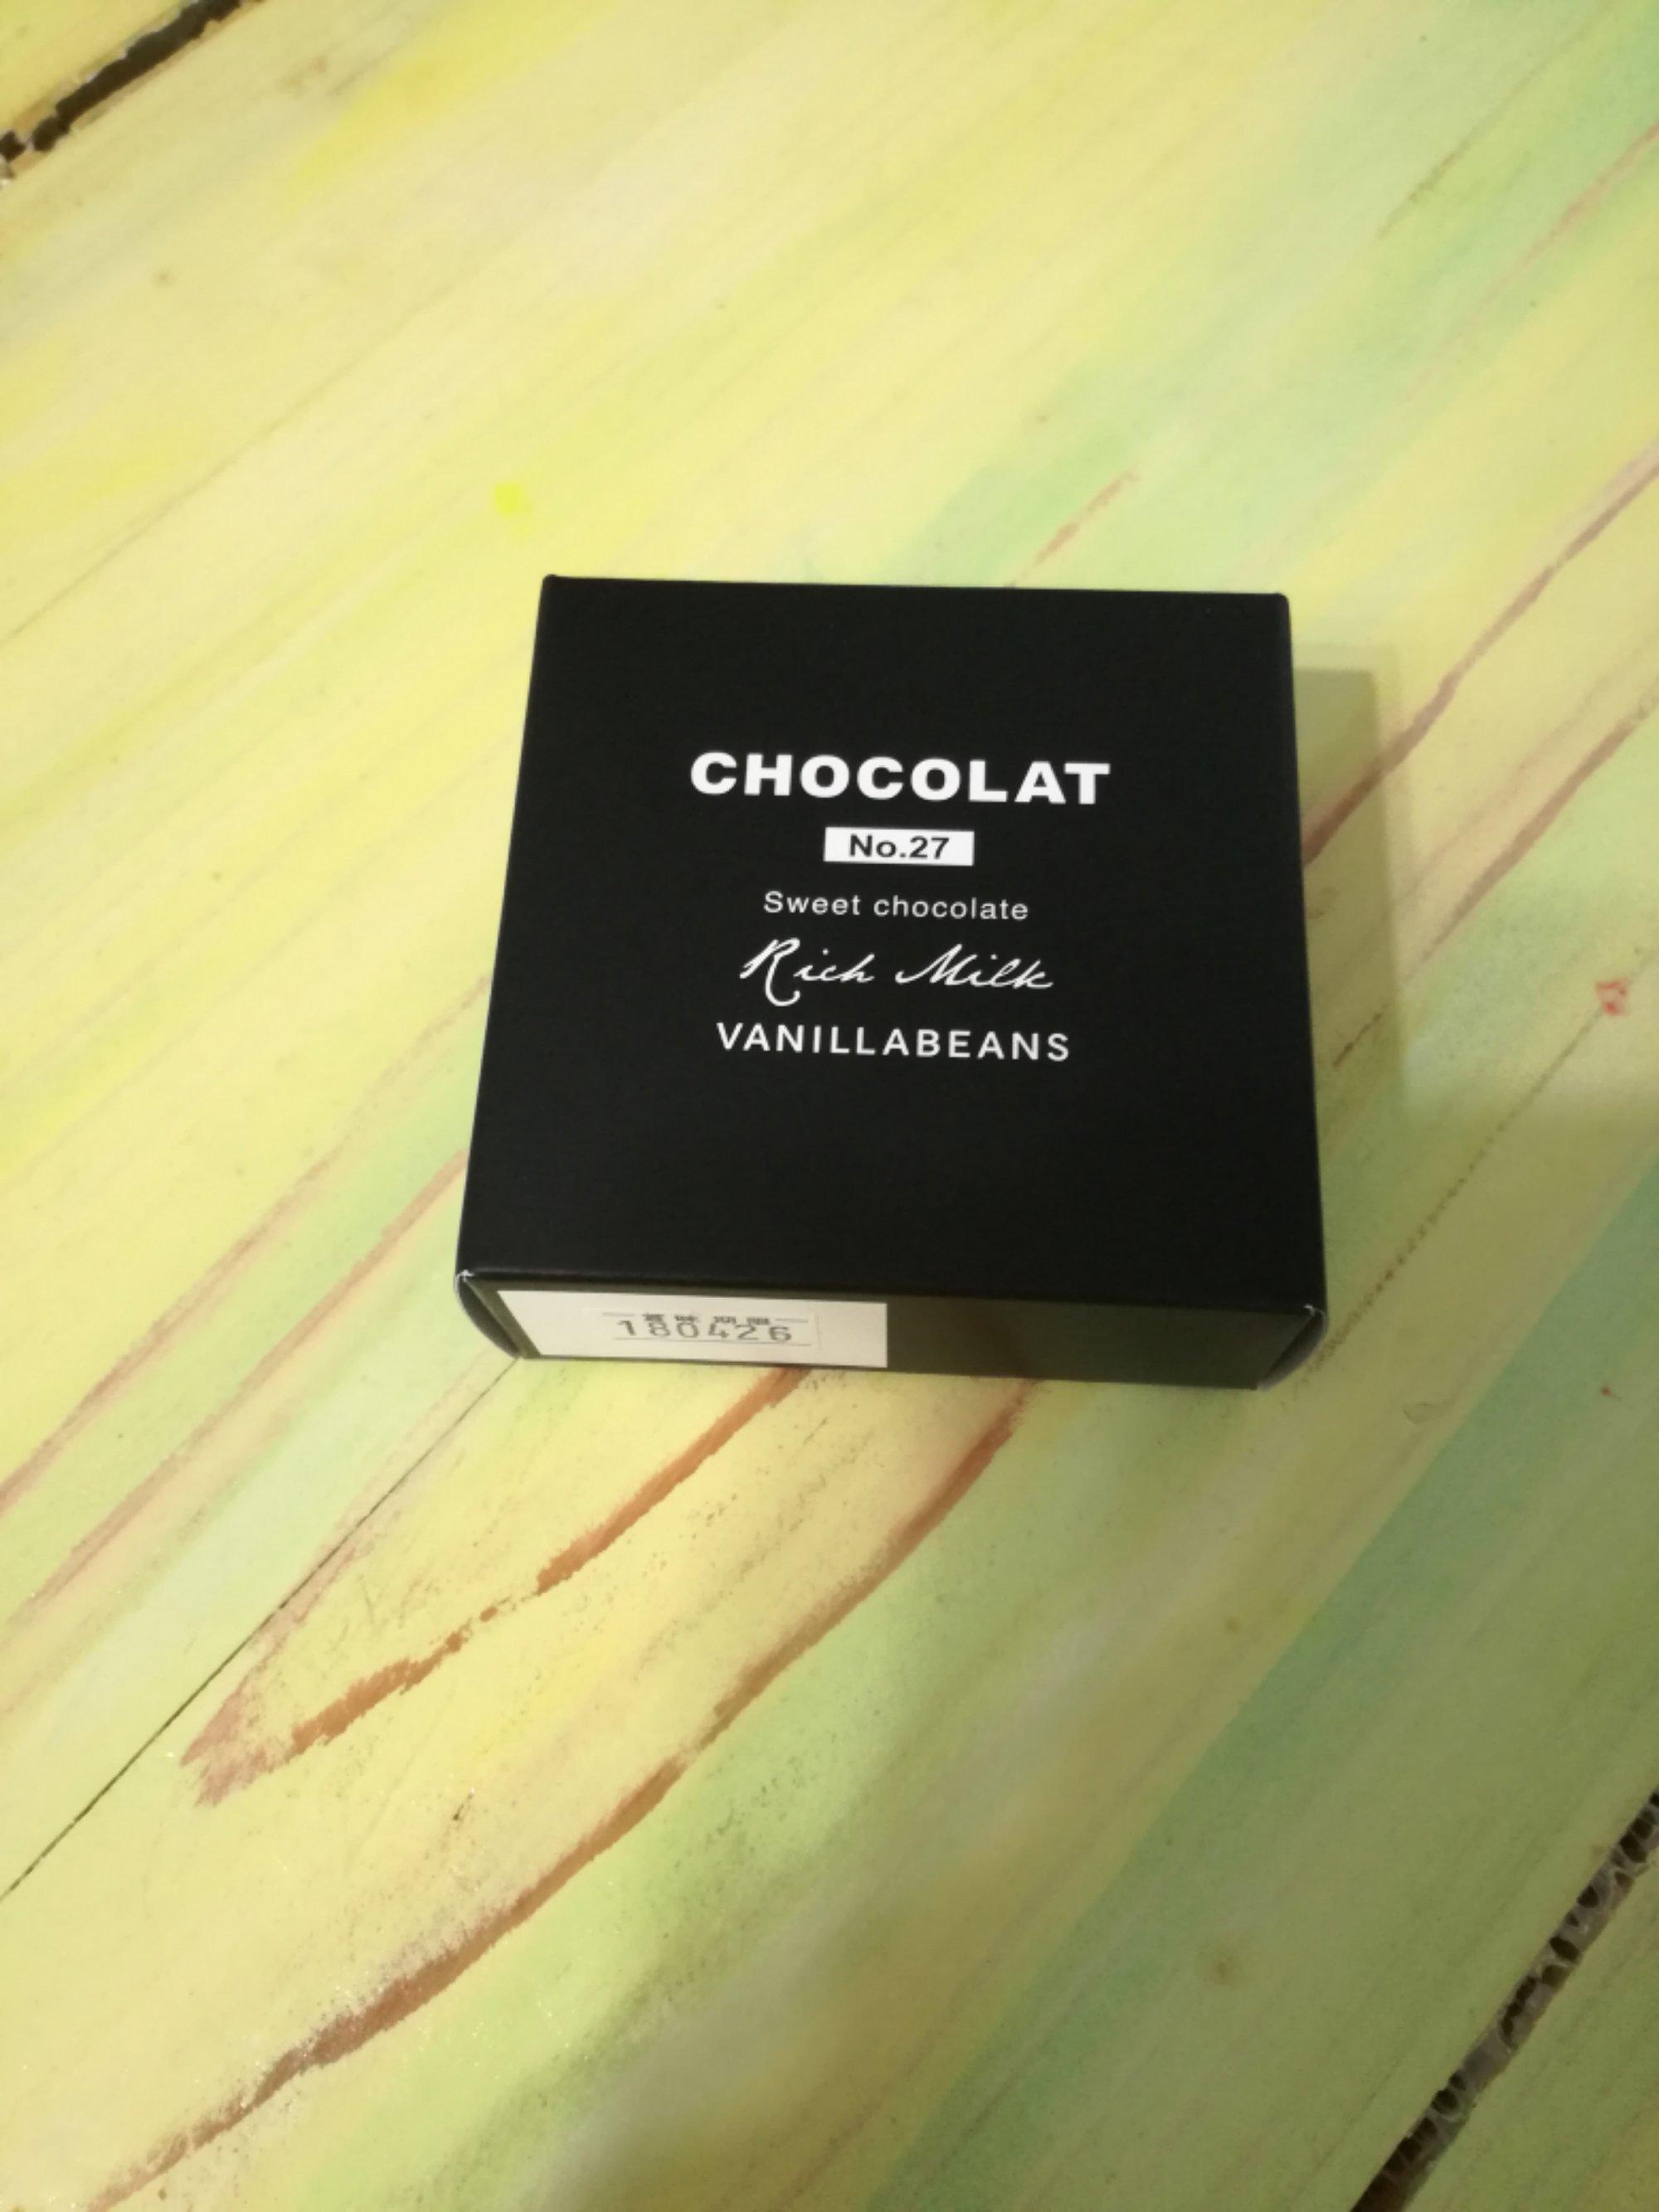 バレンタインで8万人以上に選ばれた!チョコレート!バニラビーンズ「ショーコラ&パリ」